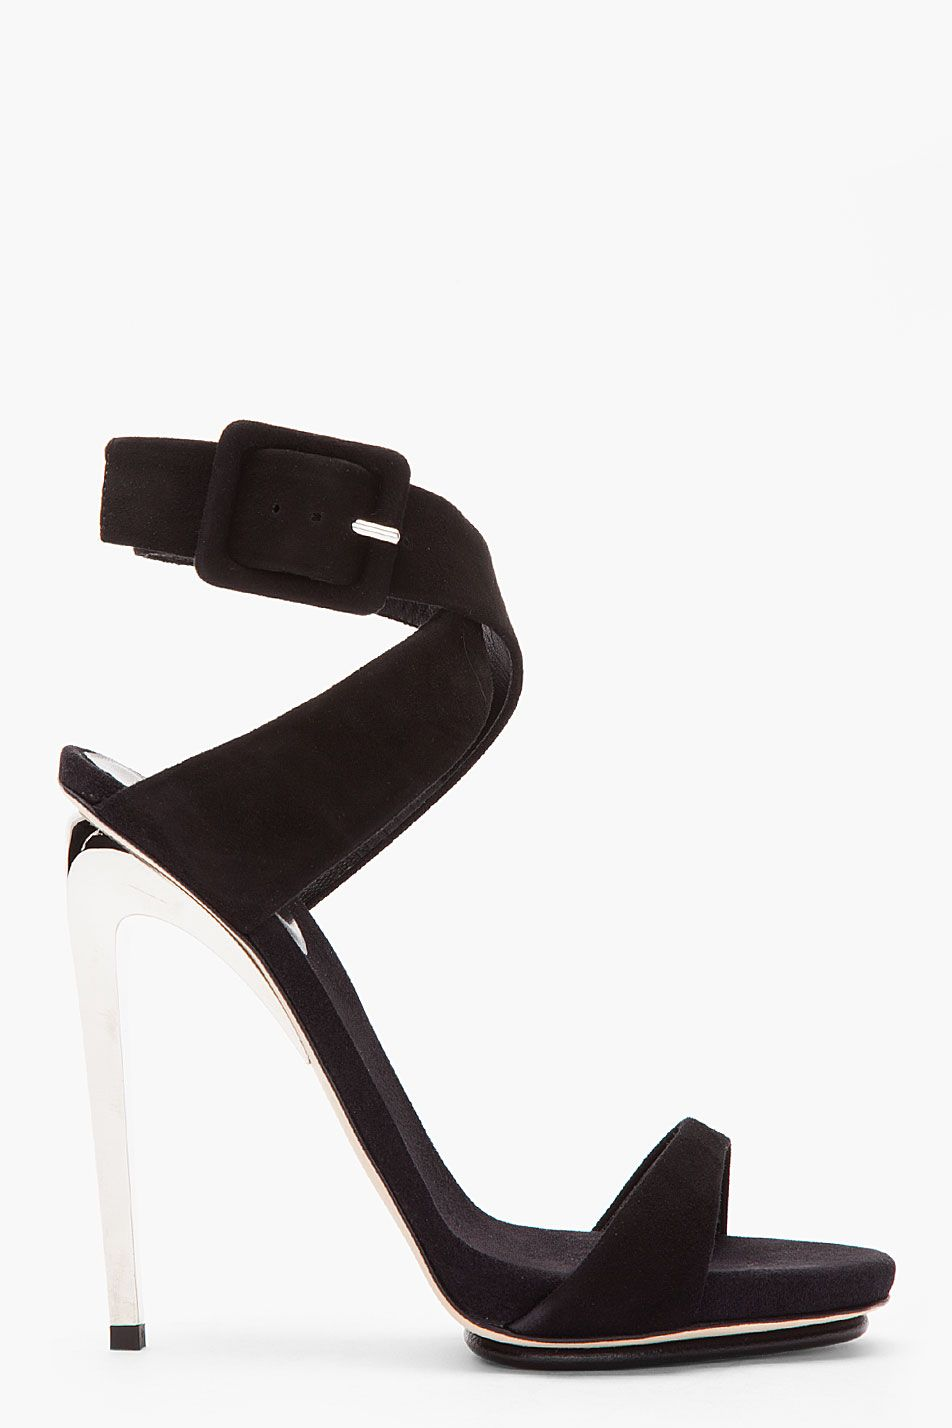 Women's Black Suede and Silver Alien 115 Heels | Giuseppe zanotti ...